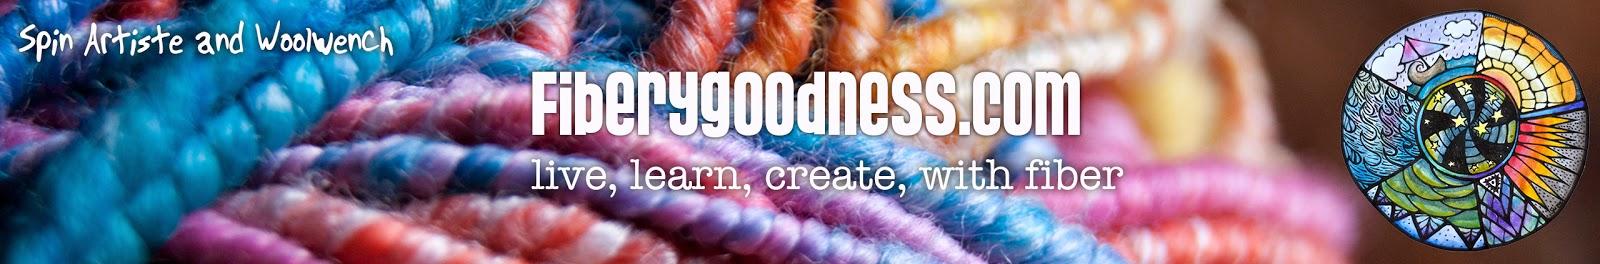 http://fiberygoodness.com/